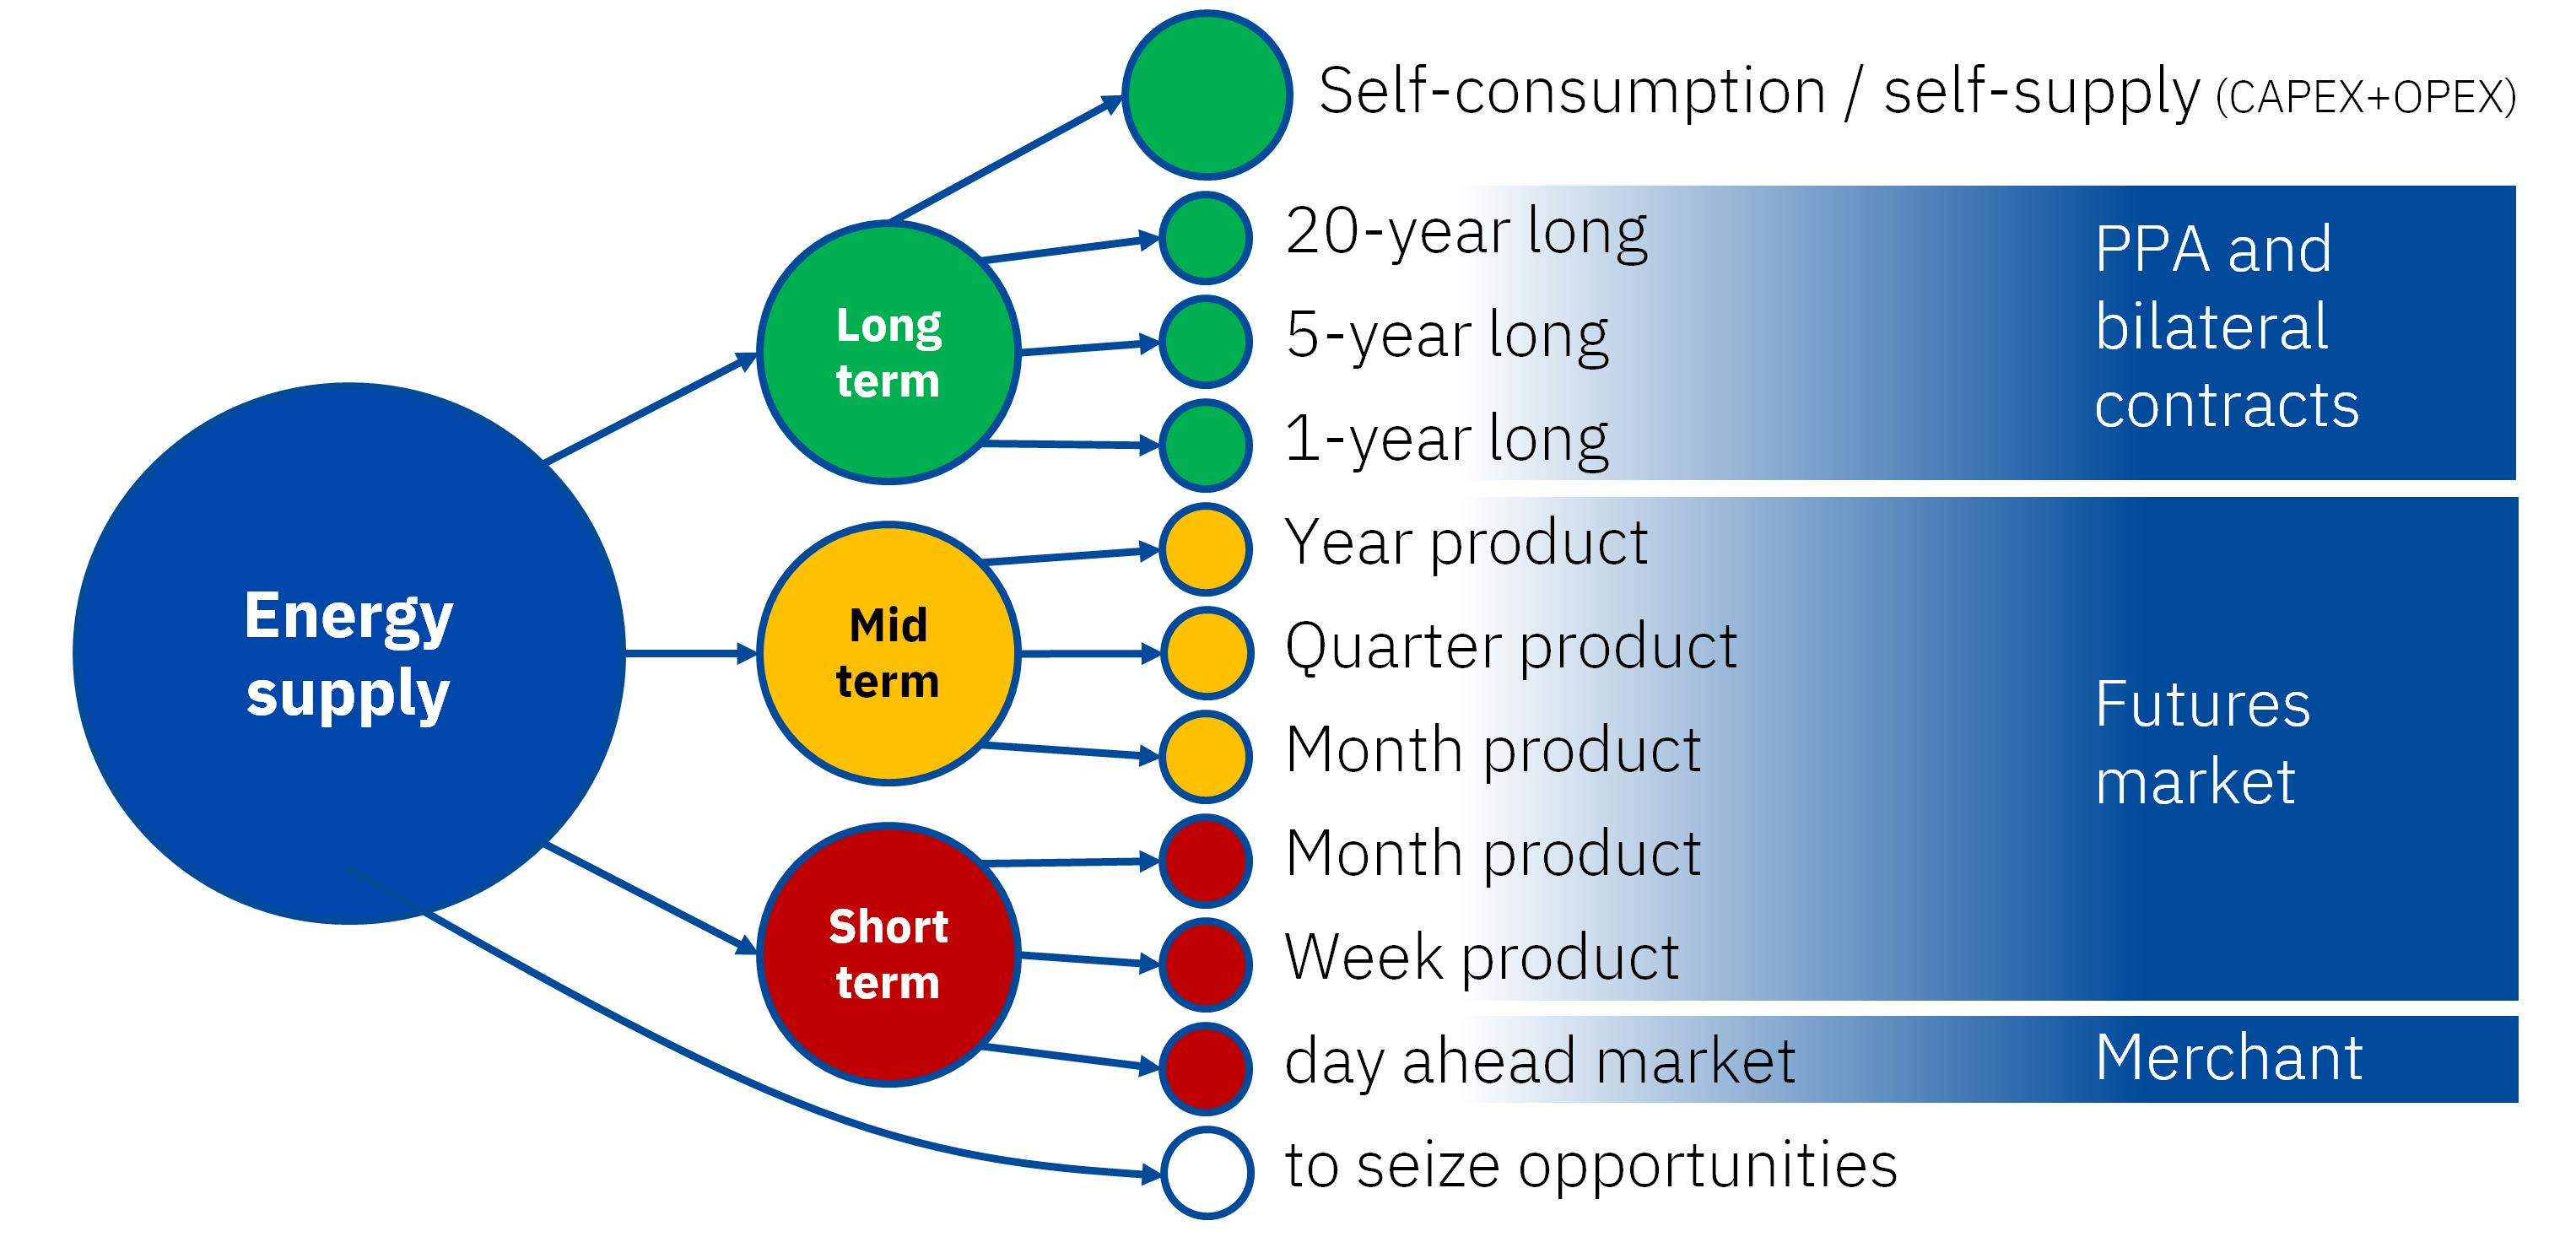 AleaSoft: Los PPA como solución para los grandes consumidores afectados por los altos precios de mercado